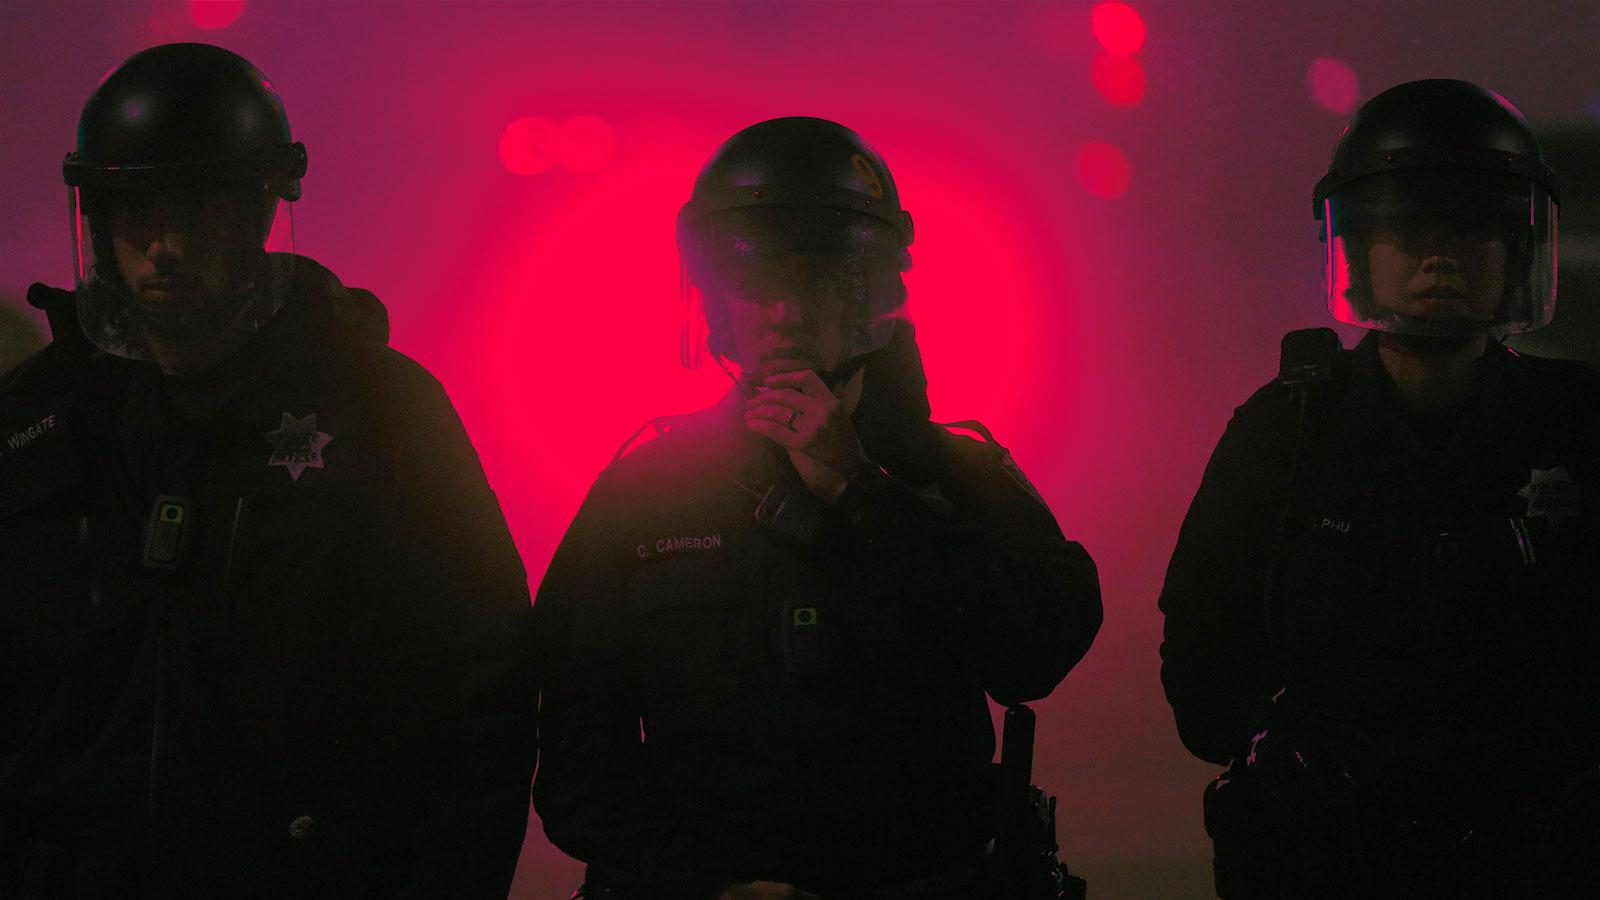 La police américaine semble raciste. Pourquoi ?